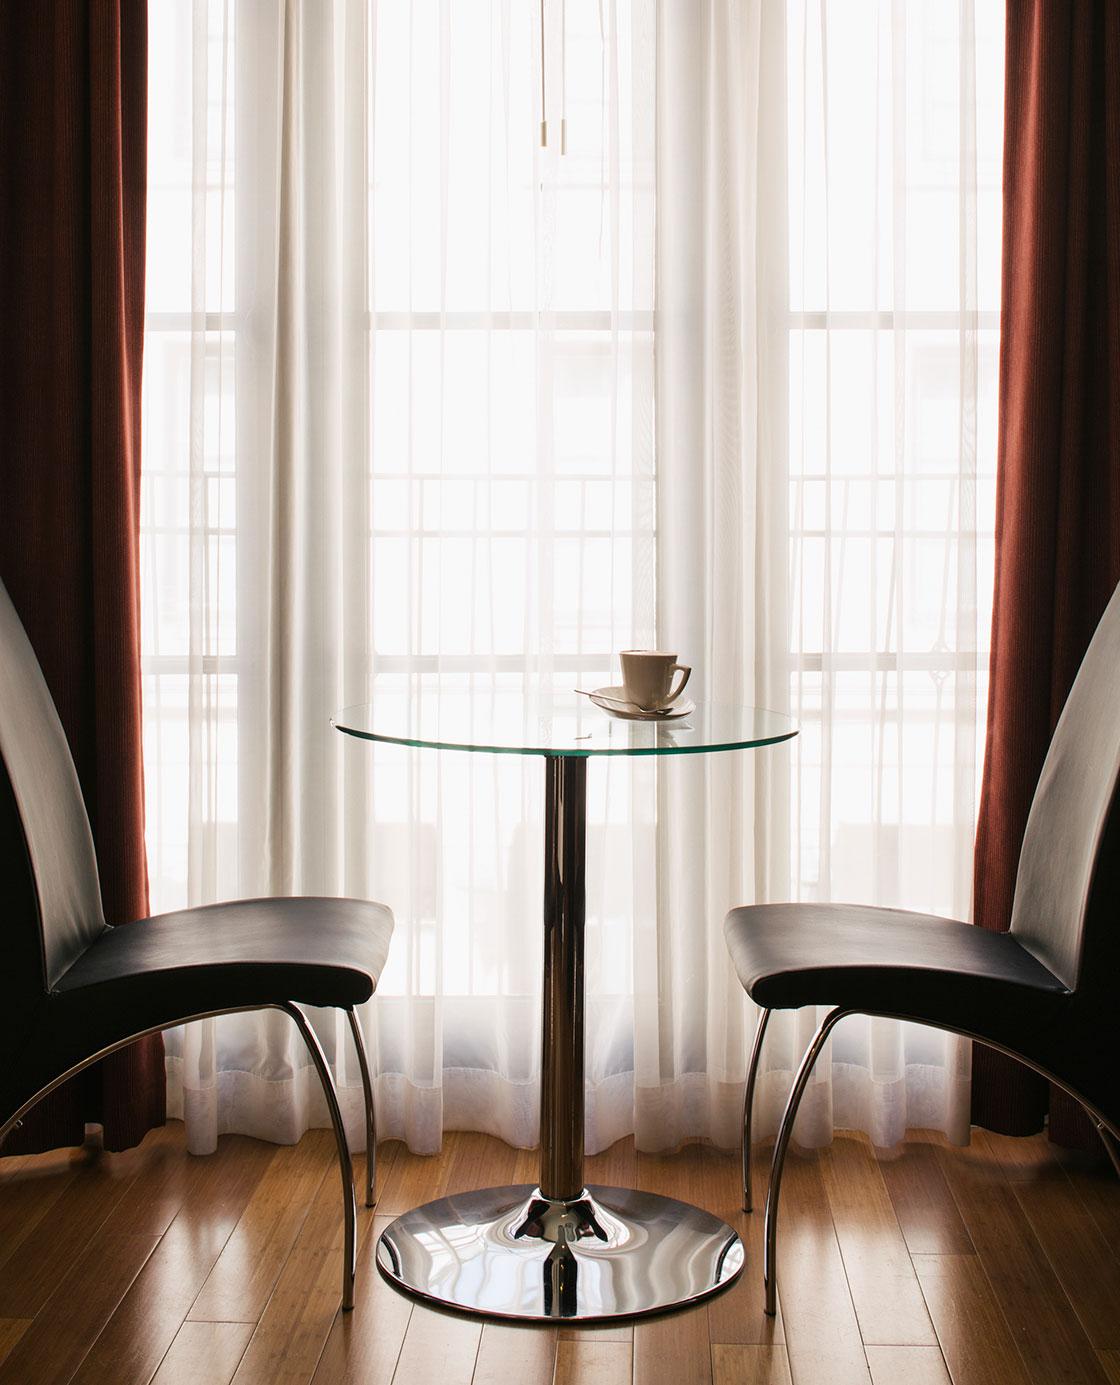 Deux chaises en face d'une table en verre avec un café posée sur la table.